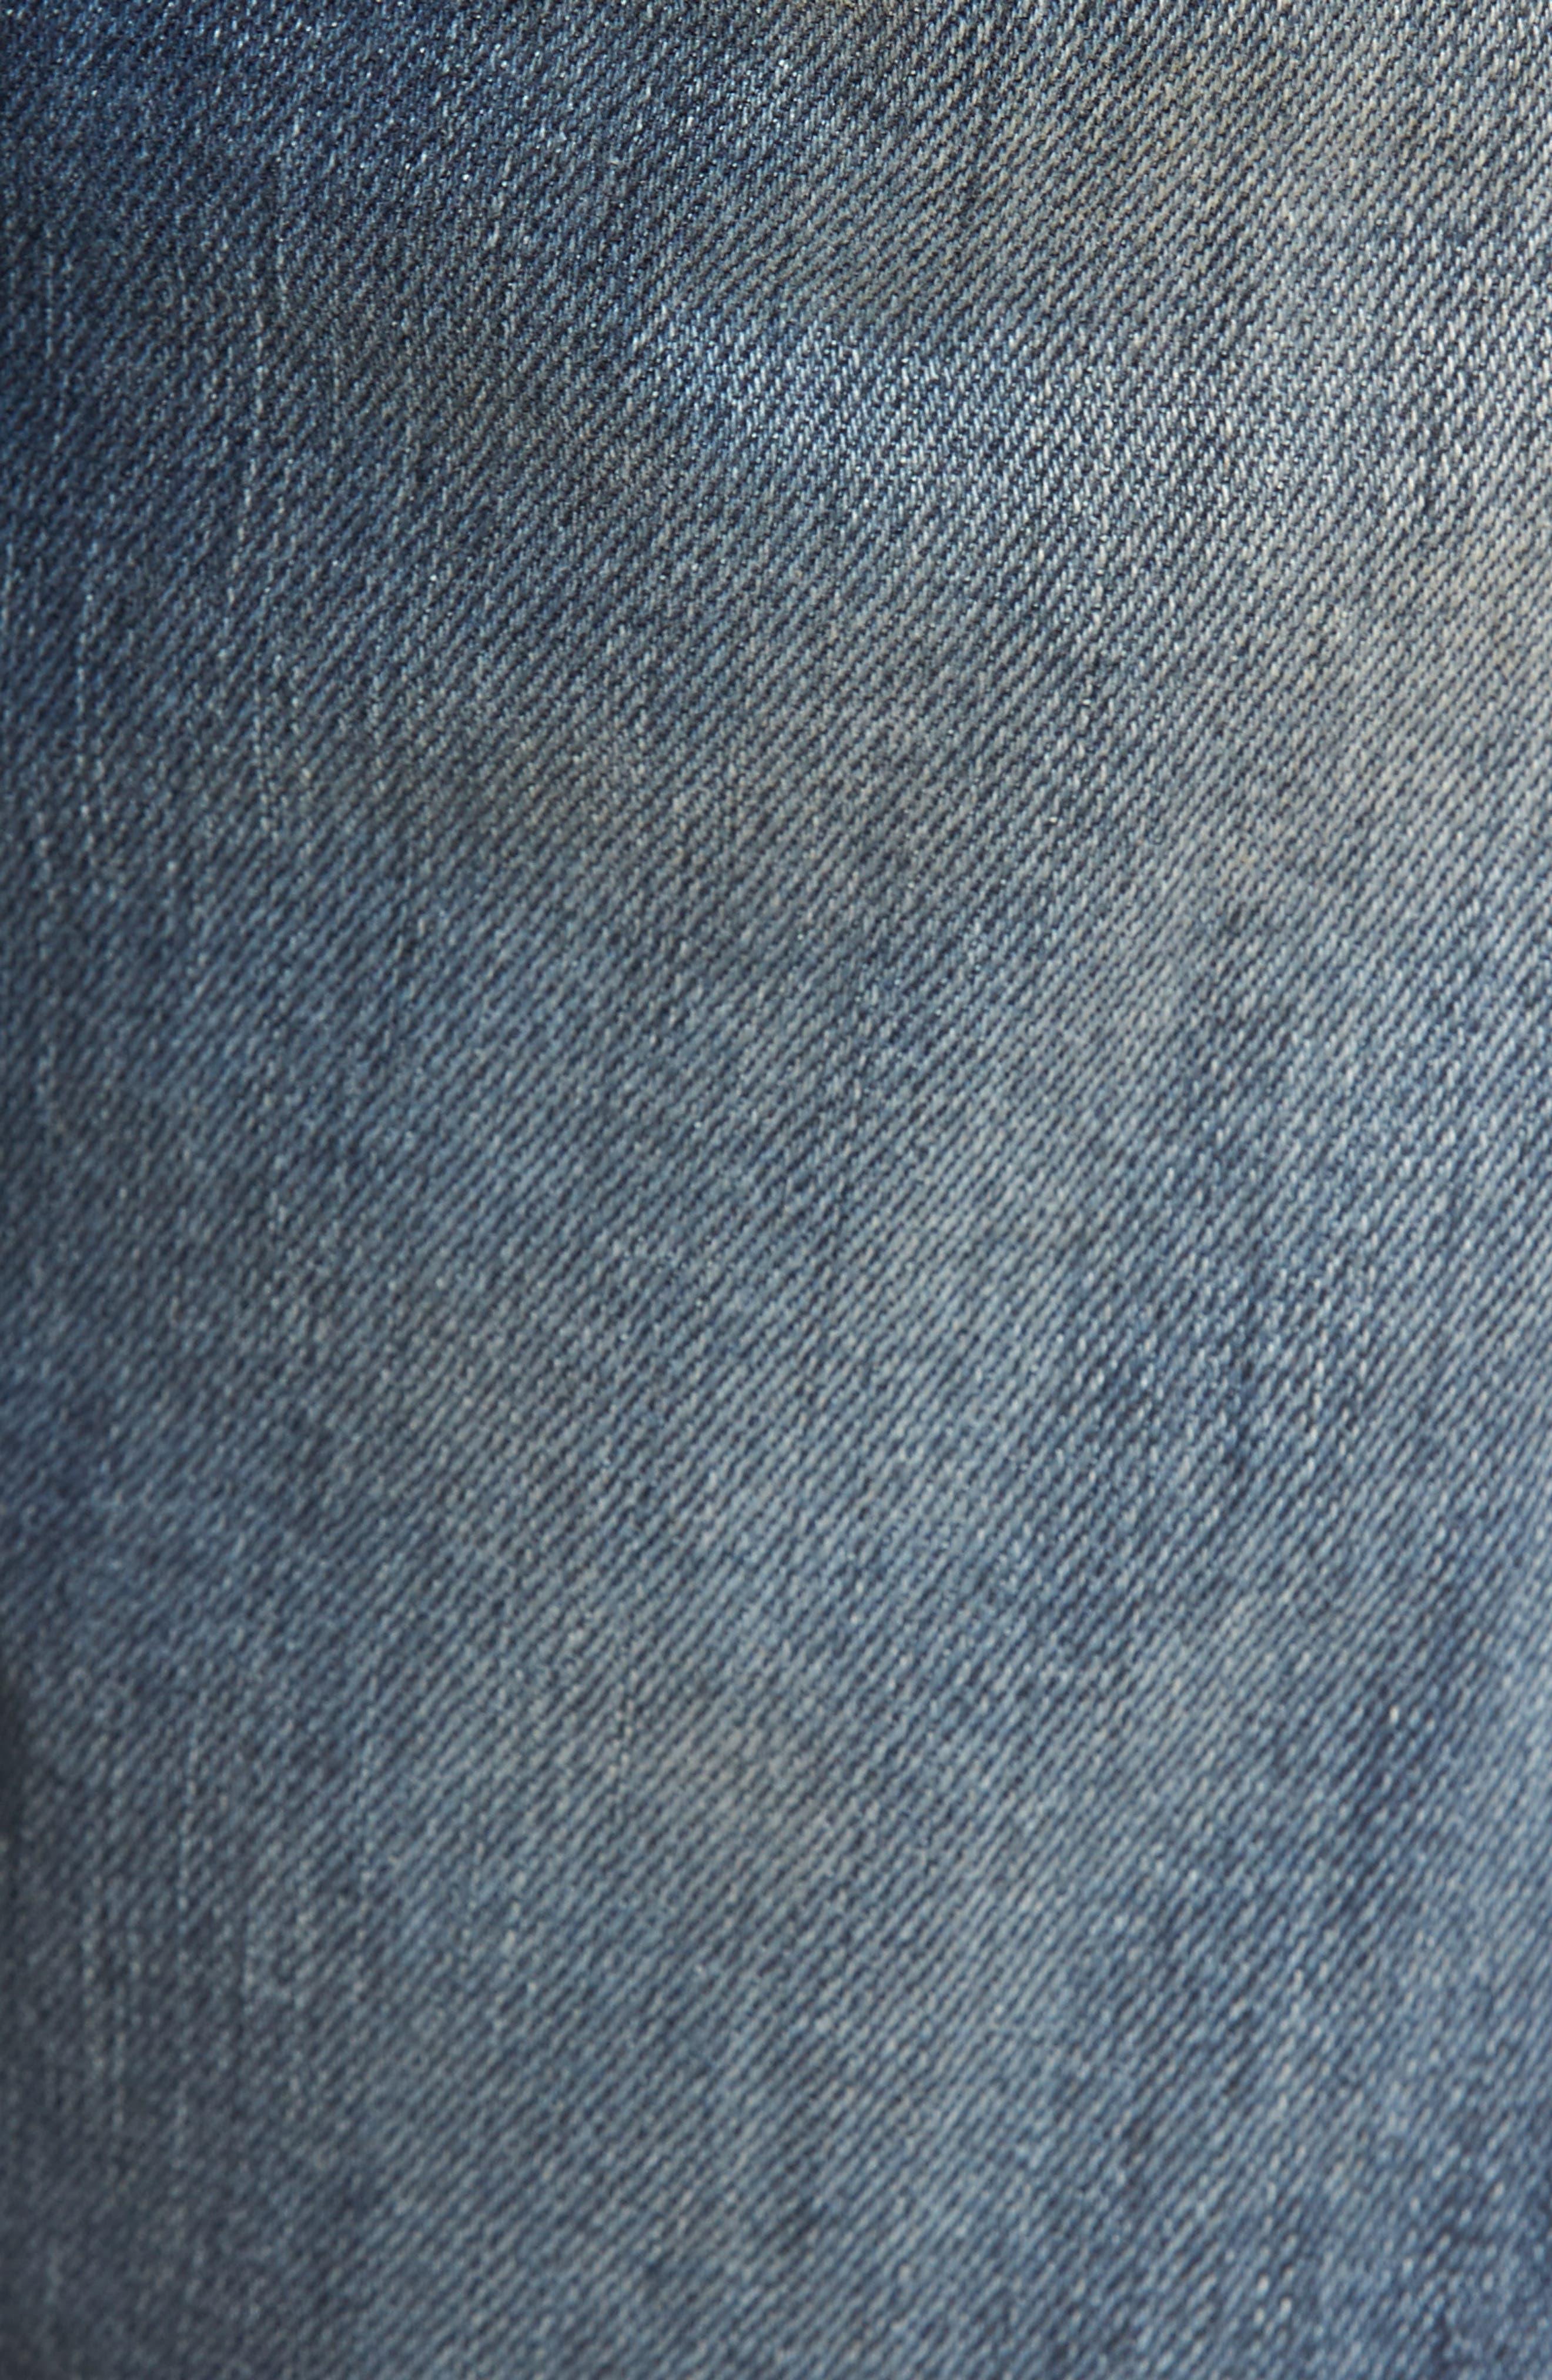 Blinder Biker Moto Skinny Fit Jeans,                             Alternate thumbnail 5, color,                             Babylon